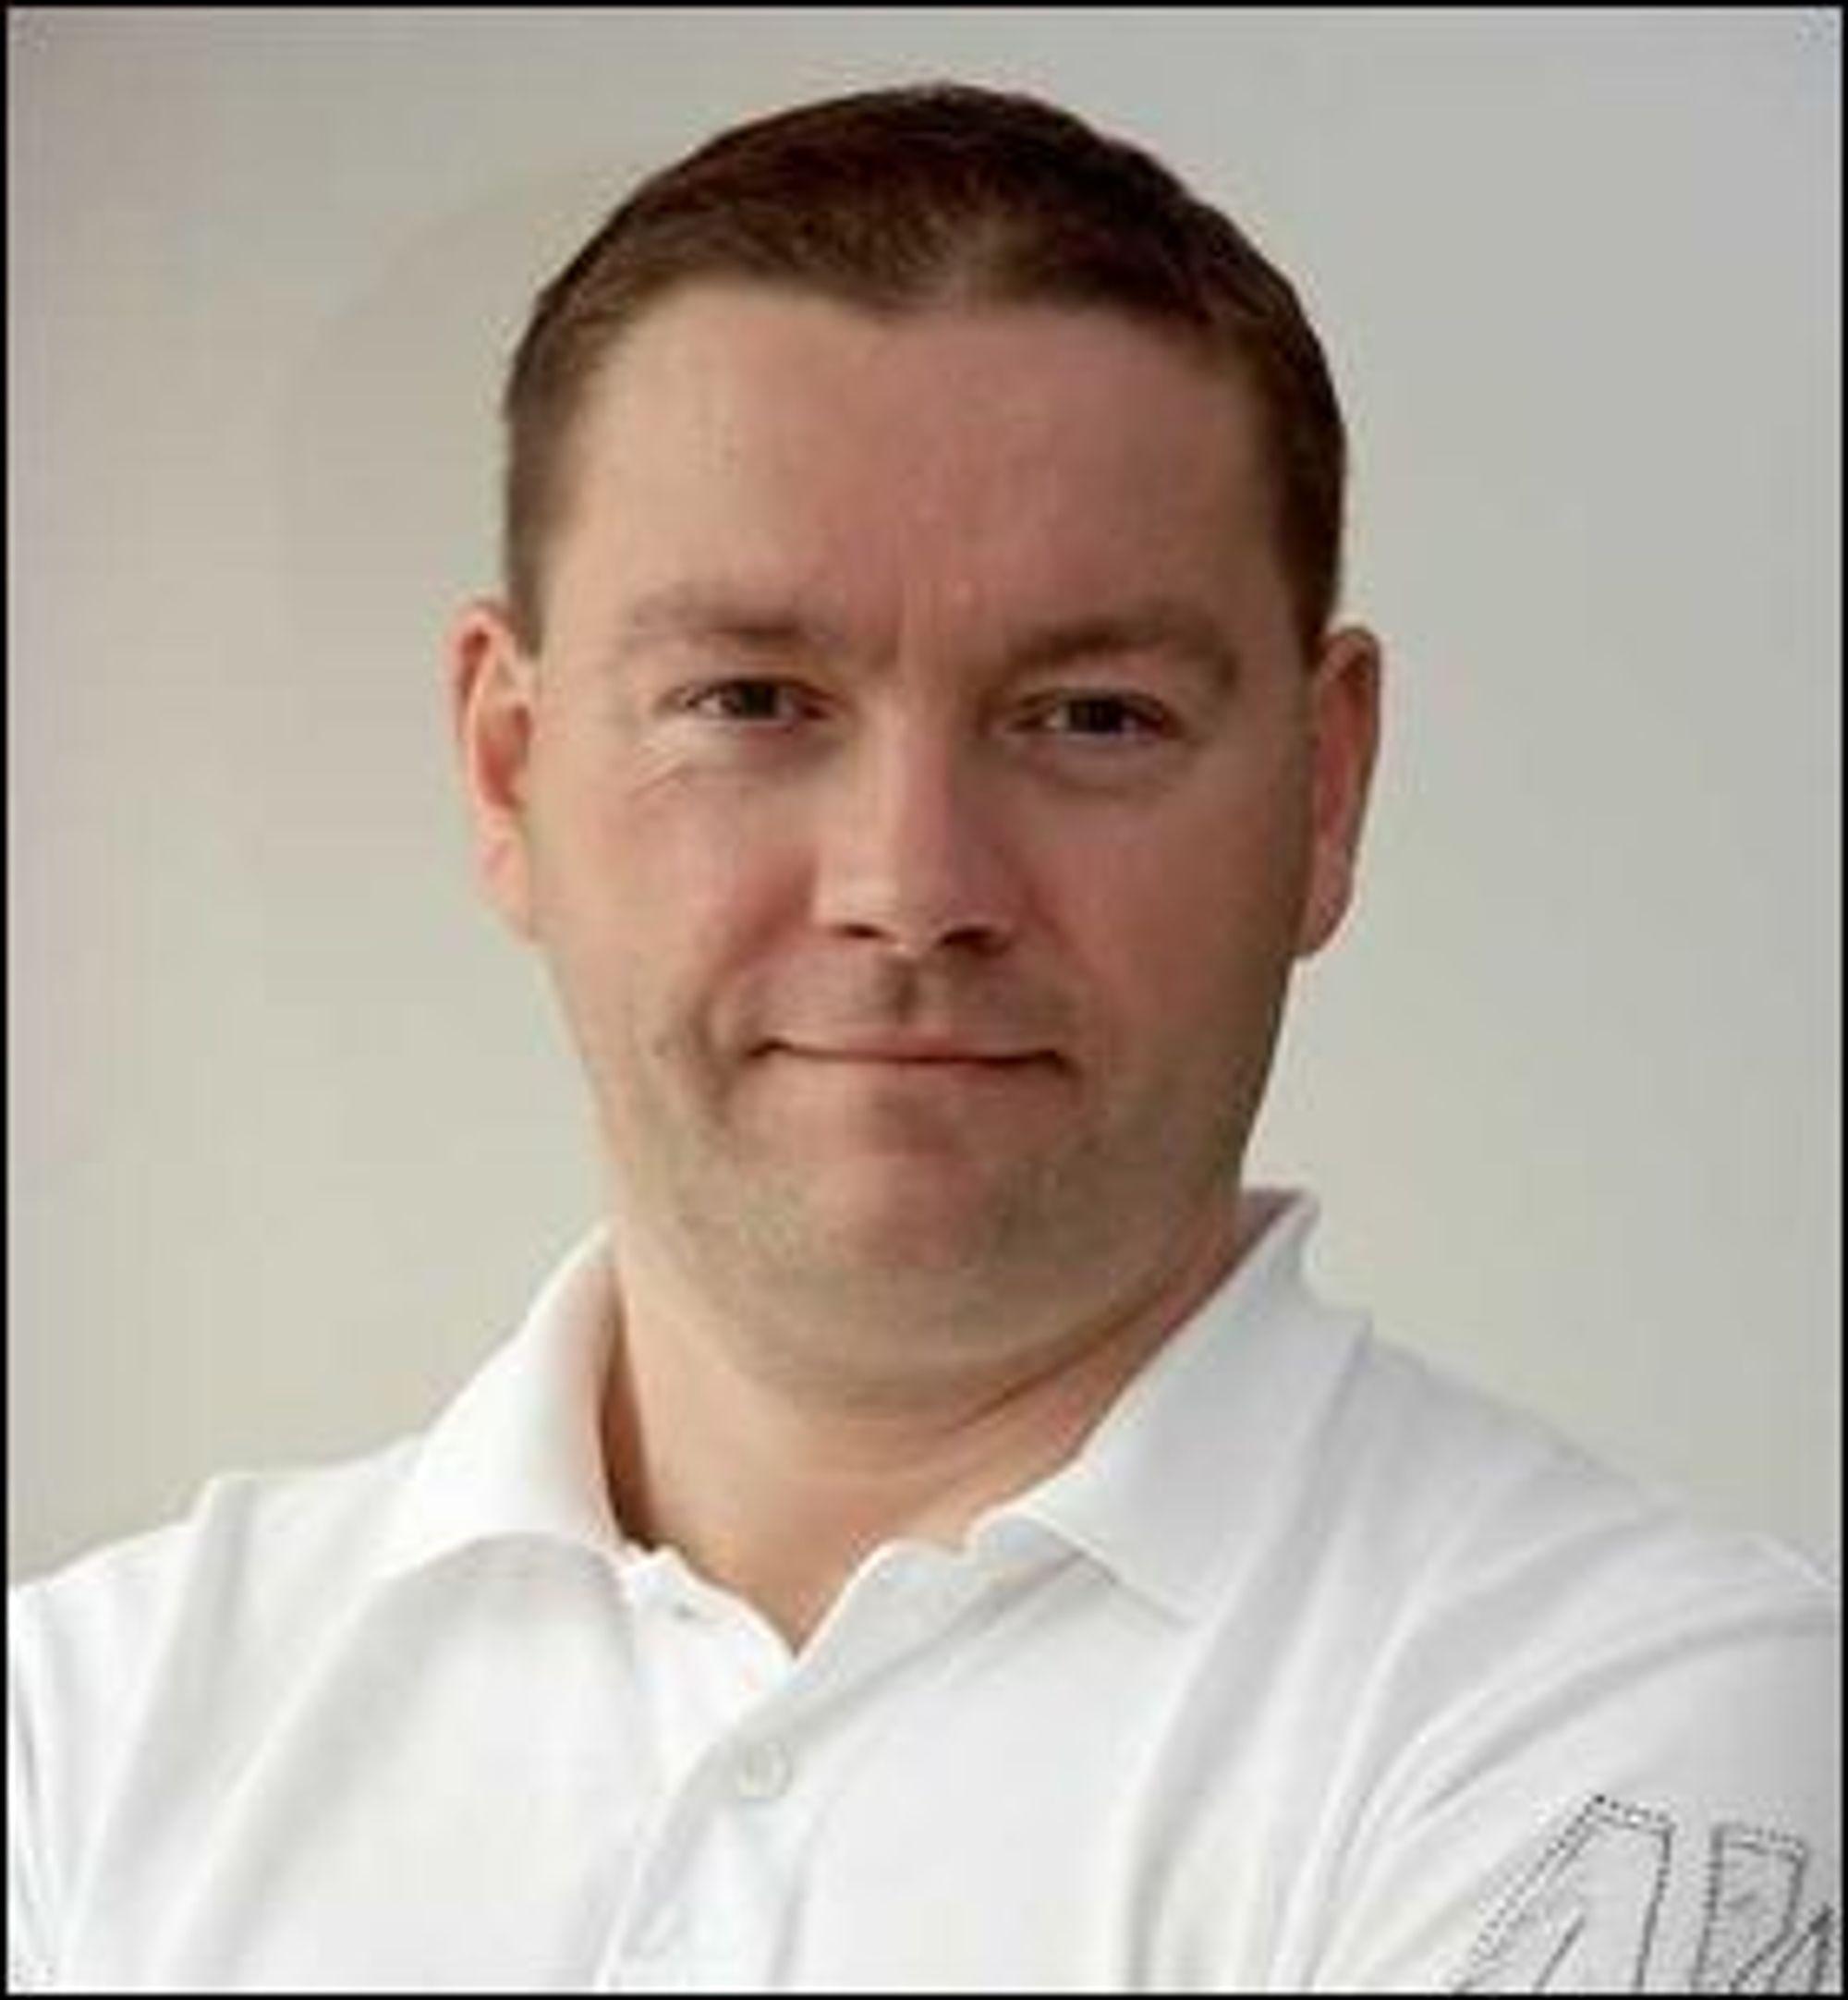 Sikkerhetsrådgiveleren Per Thorsheim mener at nye autentiseringslpøsninger for mobiltelefoner først og fremst dreier seg om brukervennlighet istedenfor sikkerhet.